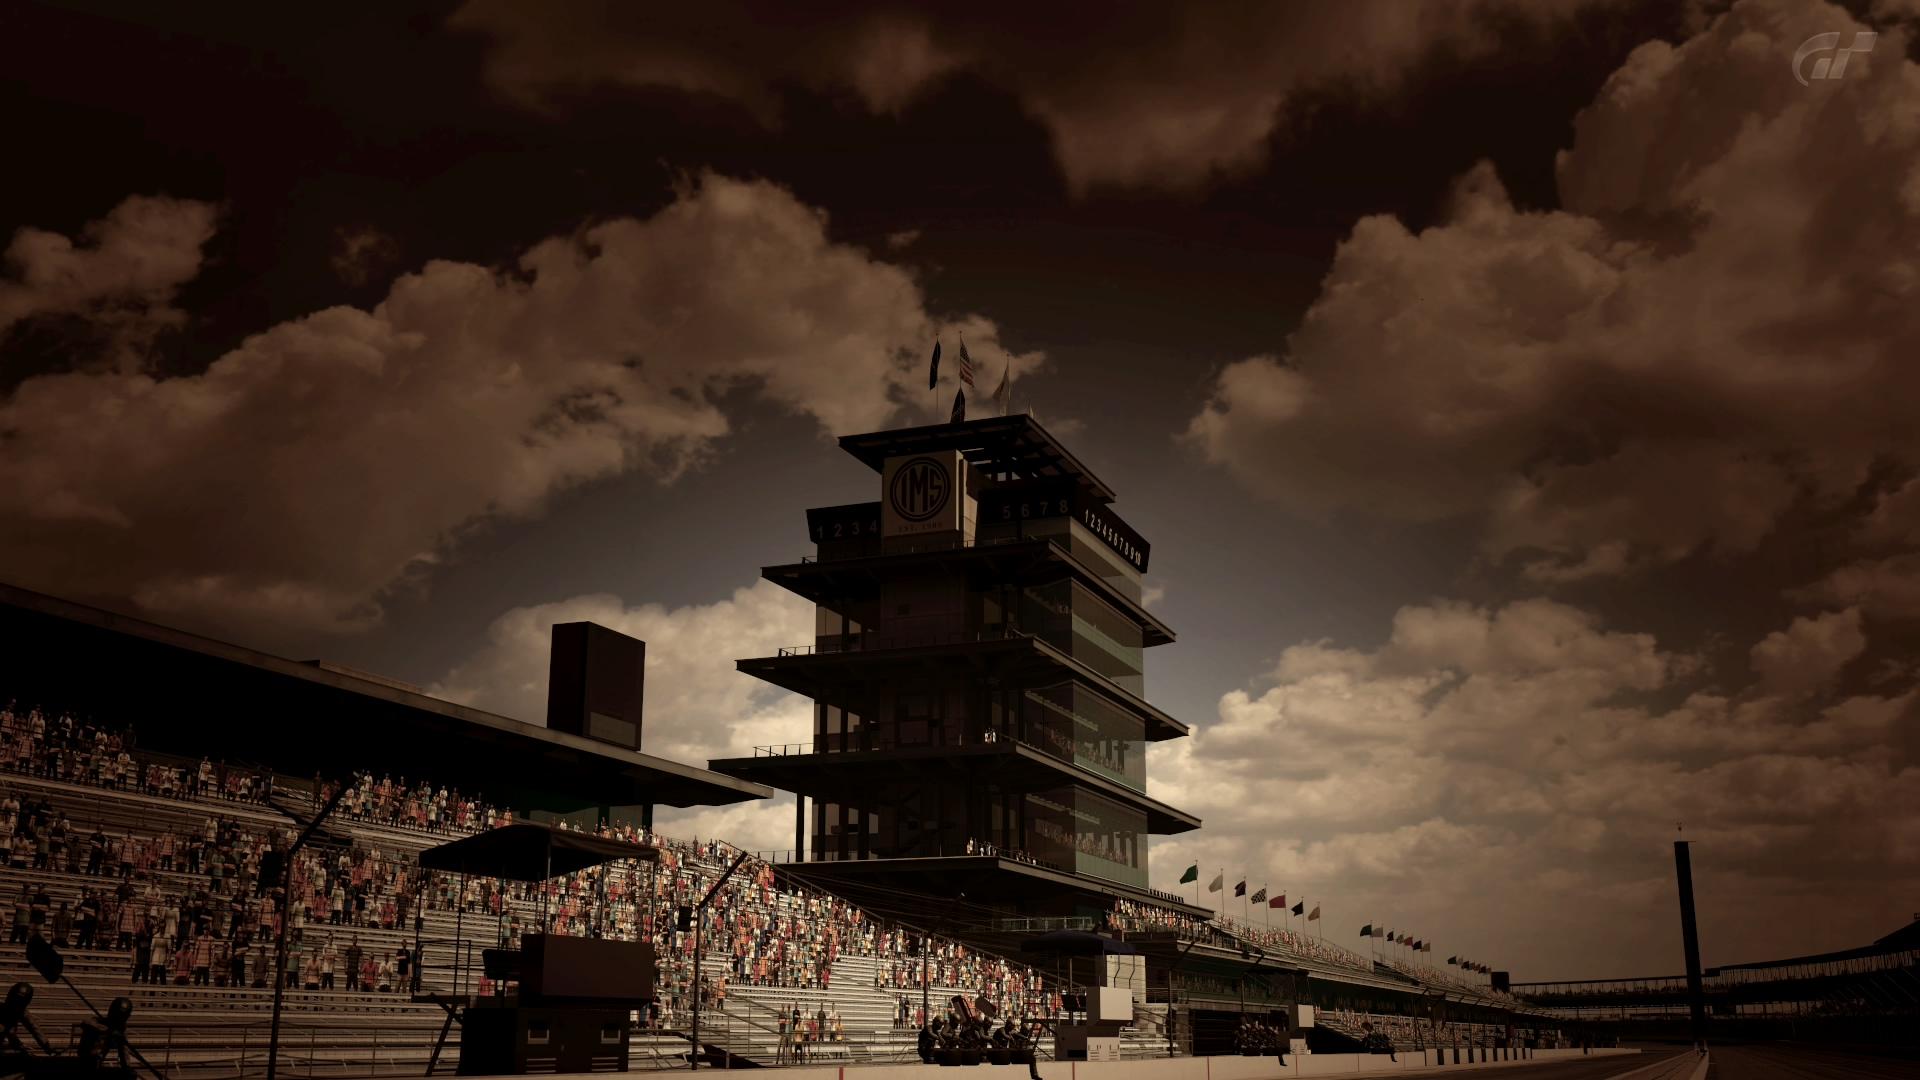 Wallpaper indianapolis in wallpapersafari for Indianapolis motor speedway indianapolis in